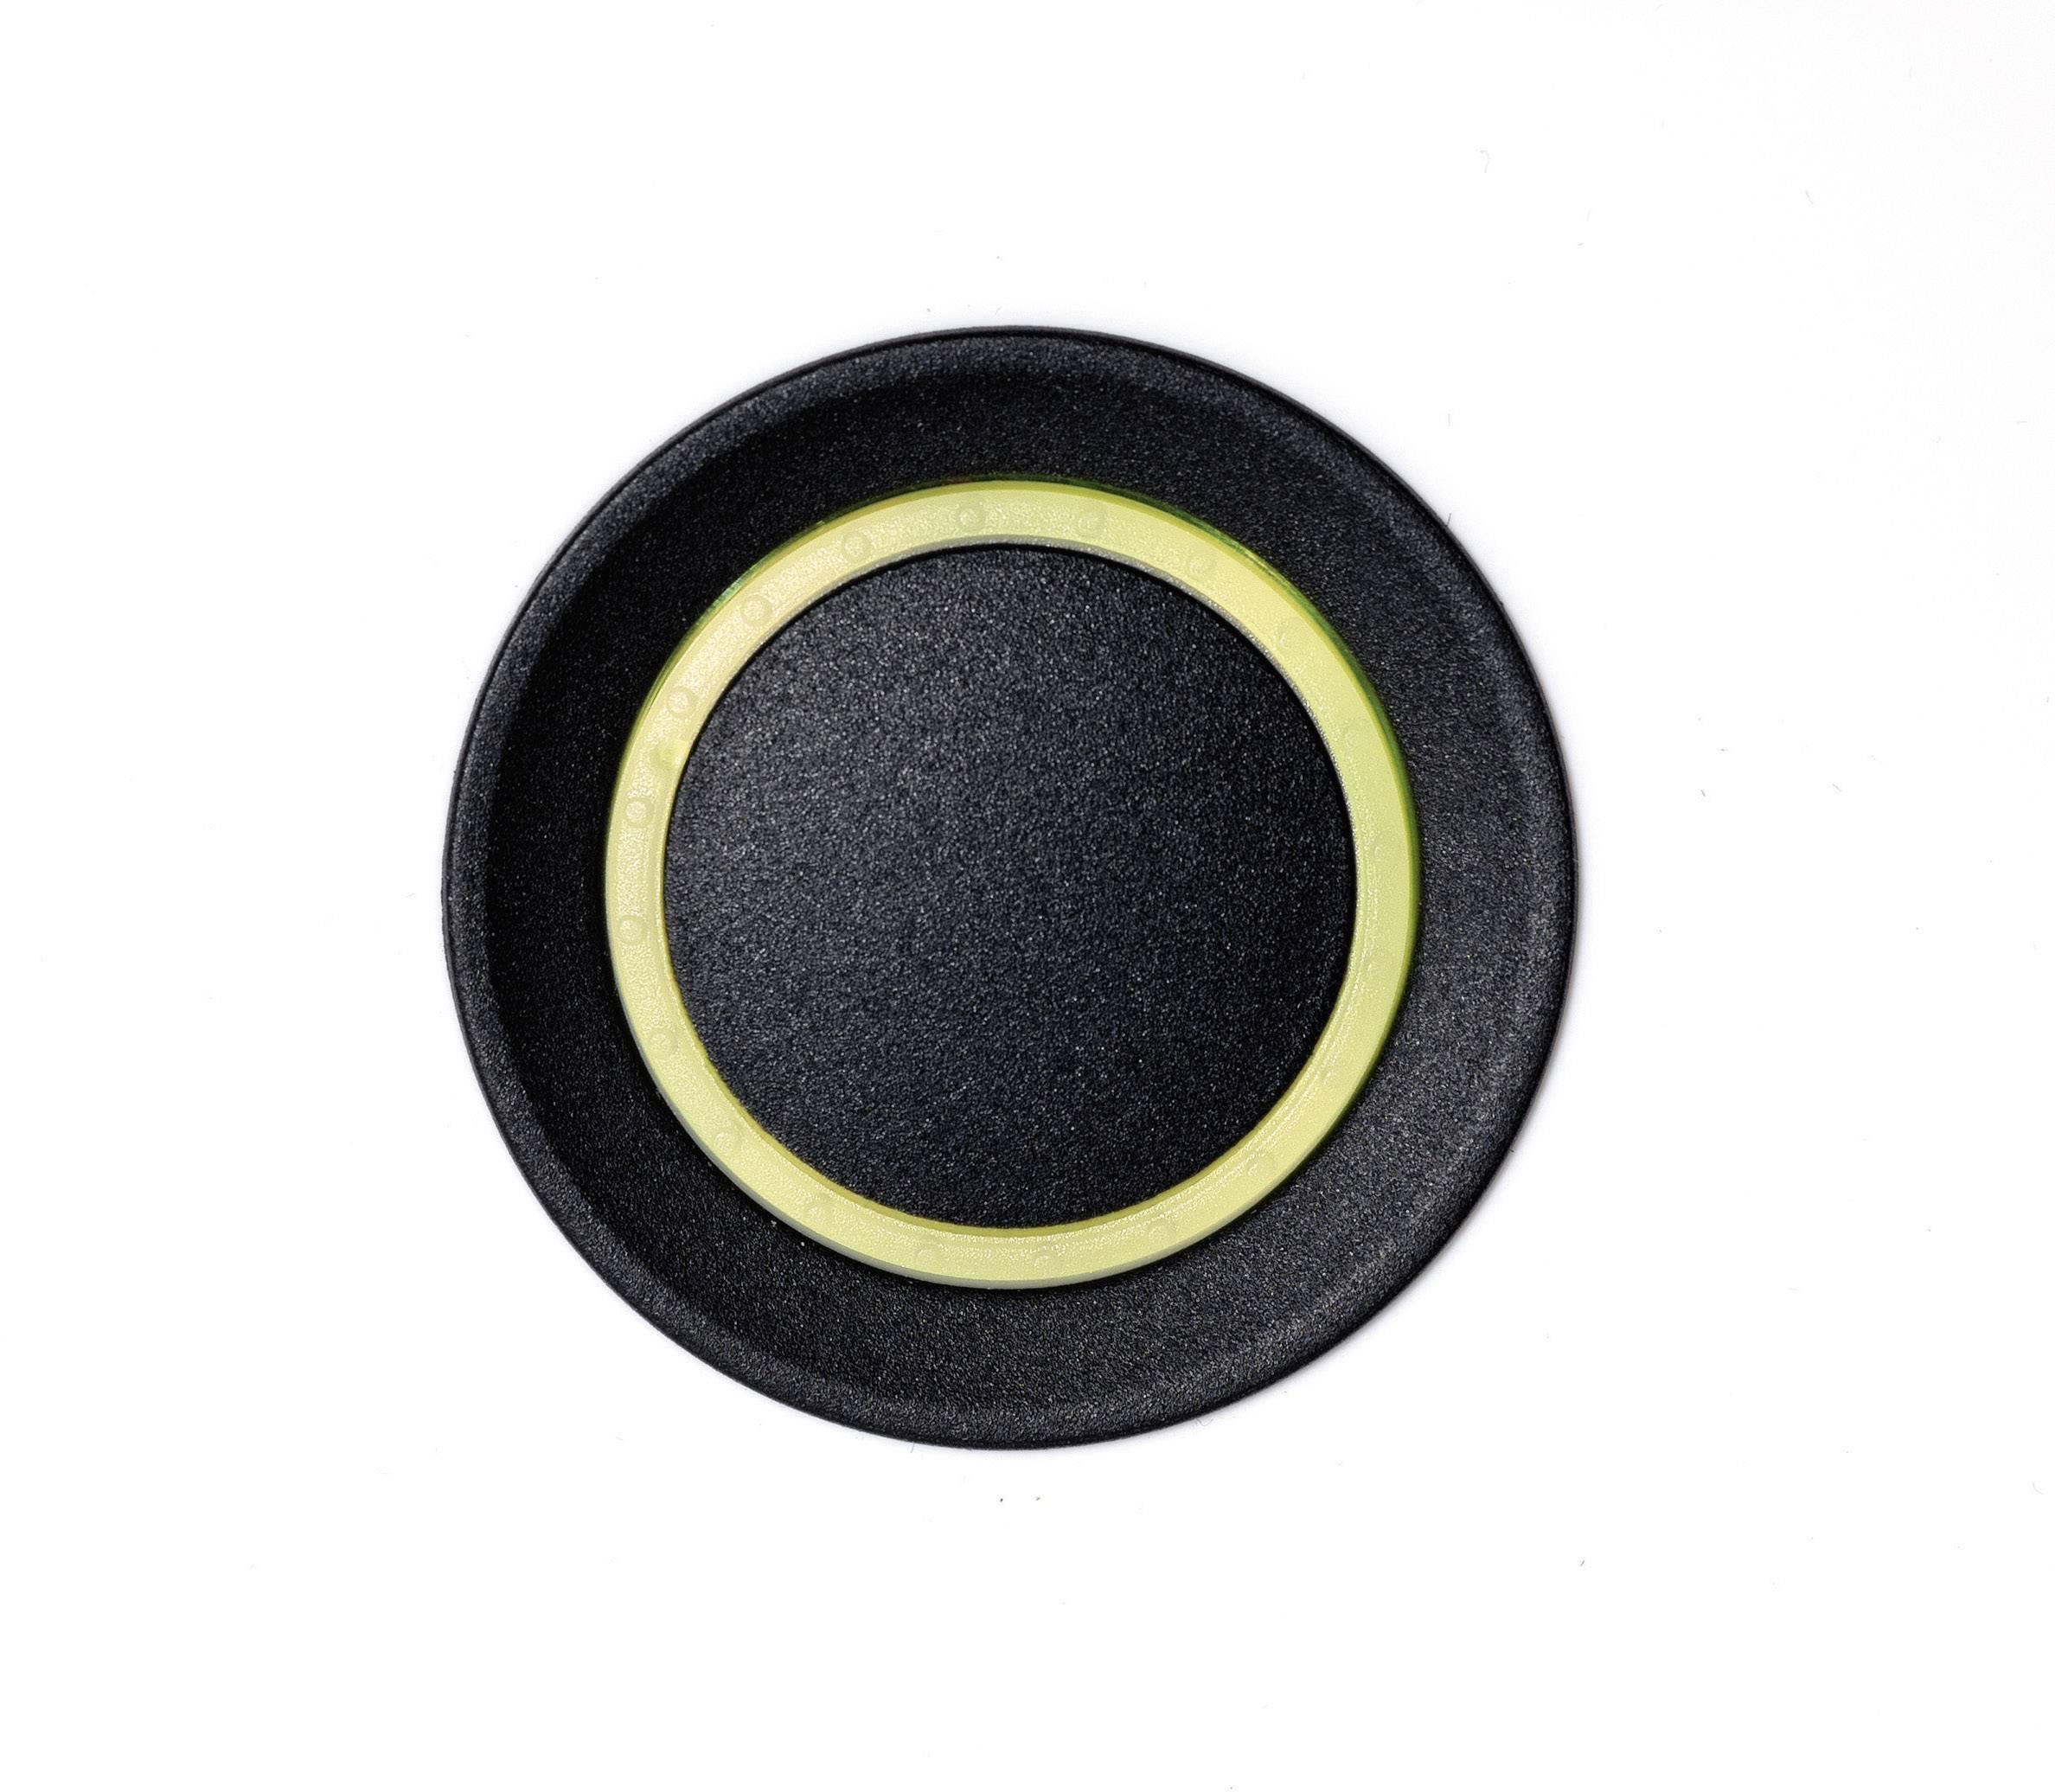 Ovládácí knoflík OKW D8733039, 6 mm, podsvícení RGB, černá